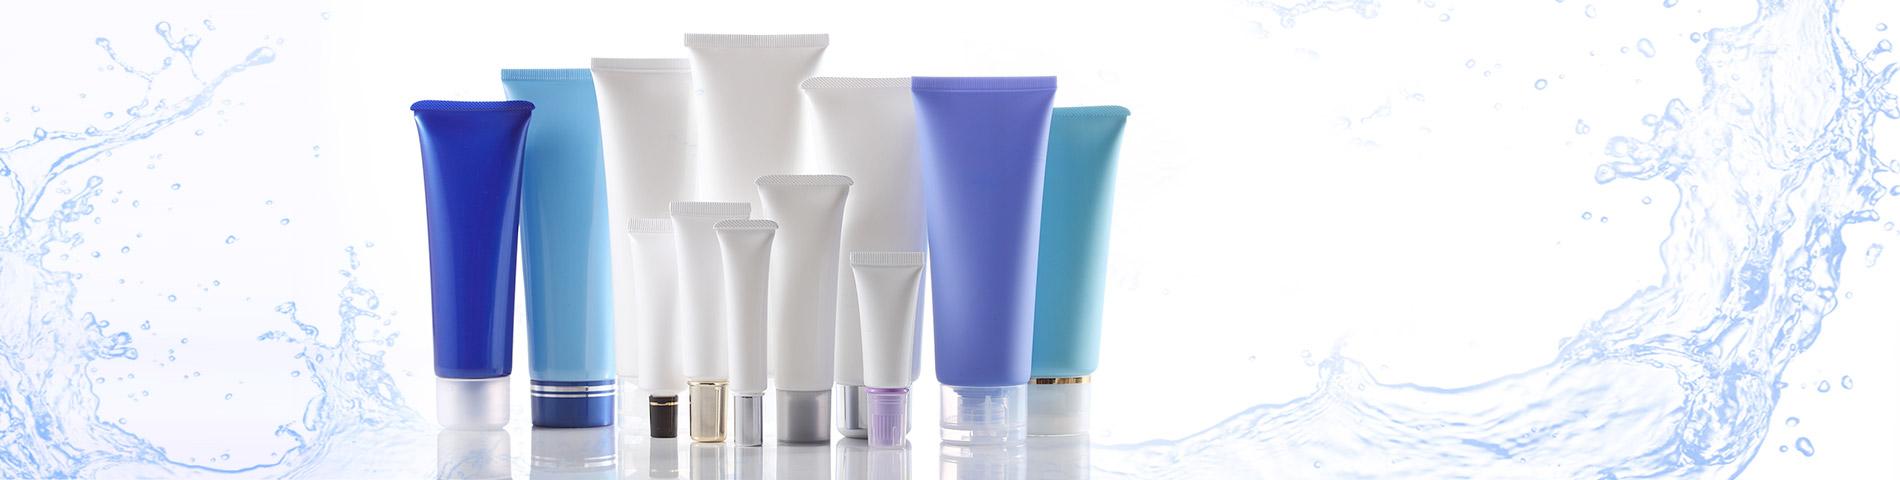 專業客製化 塑膠軟管包材